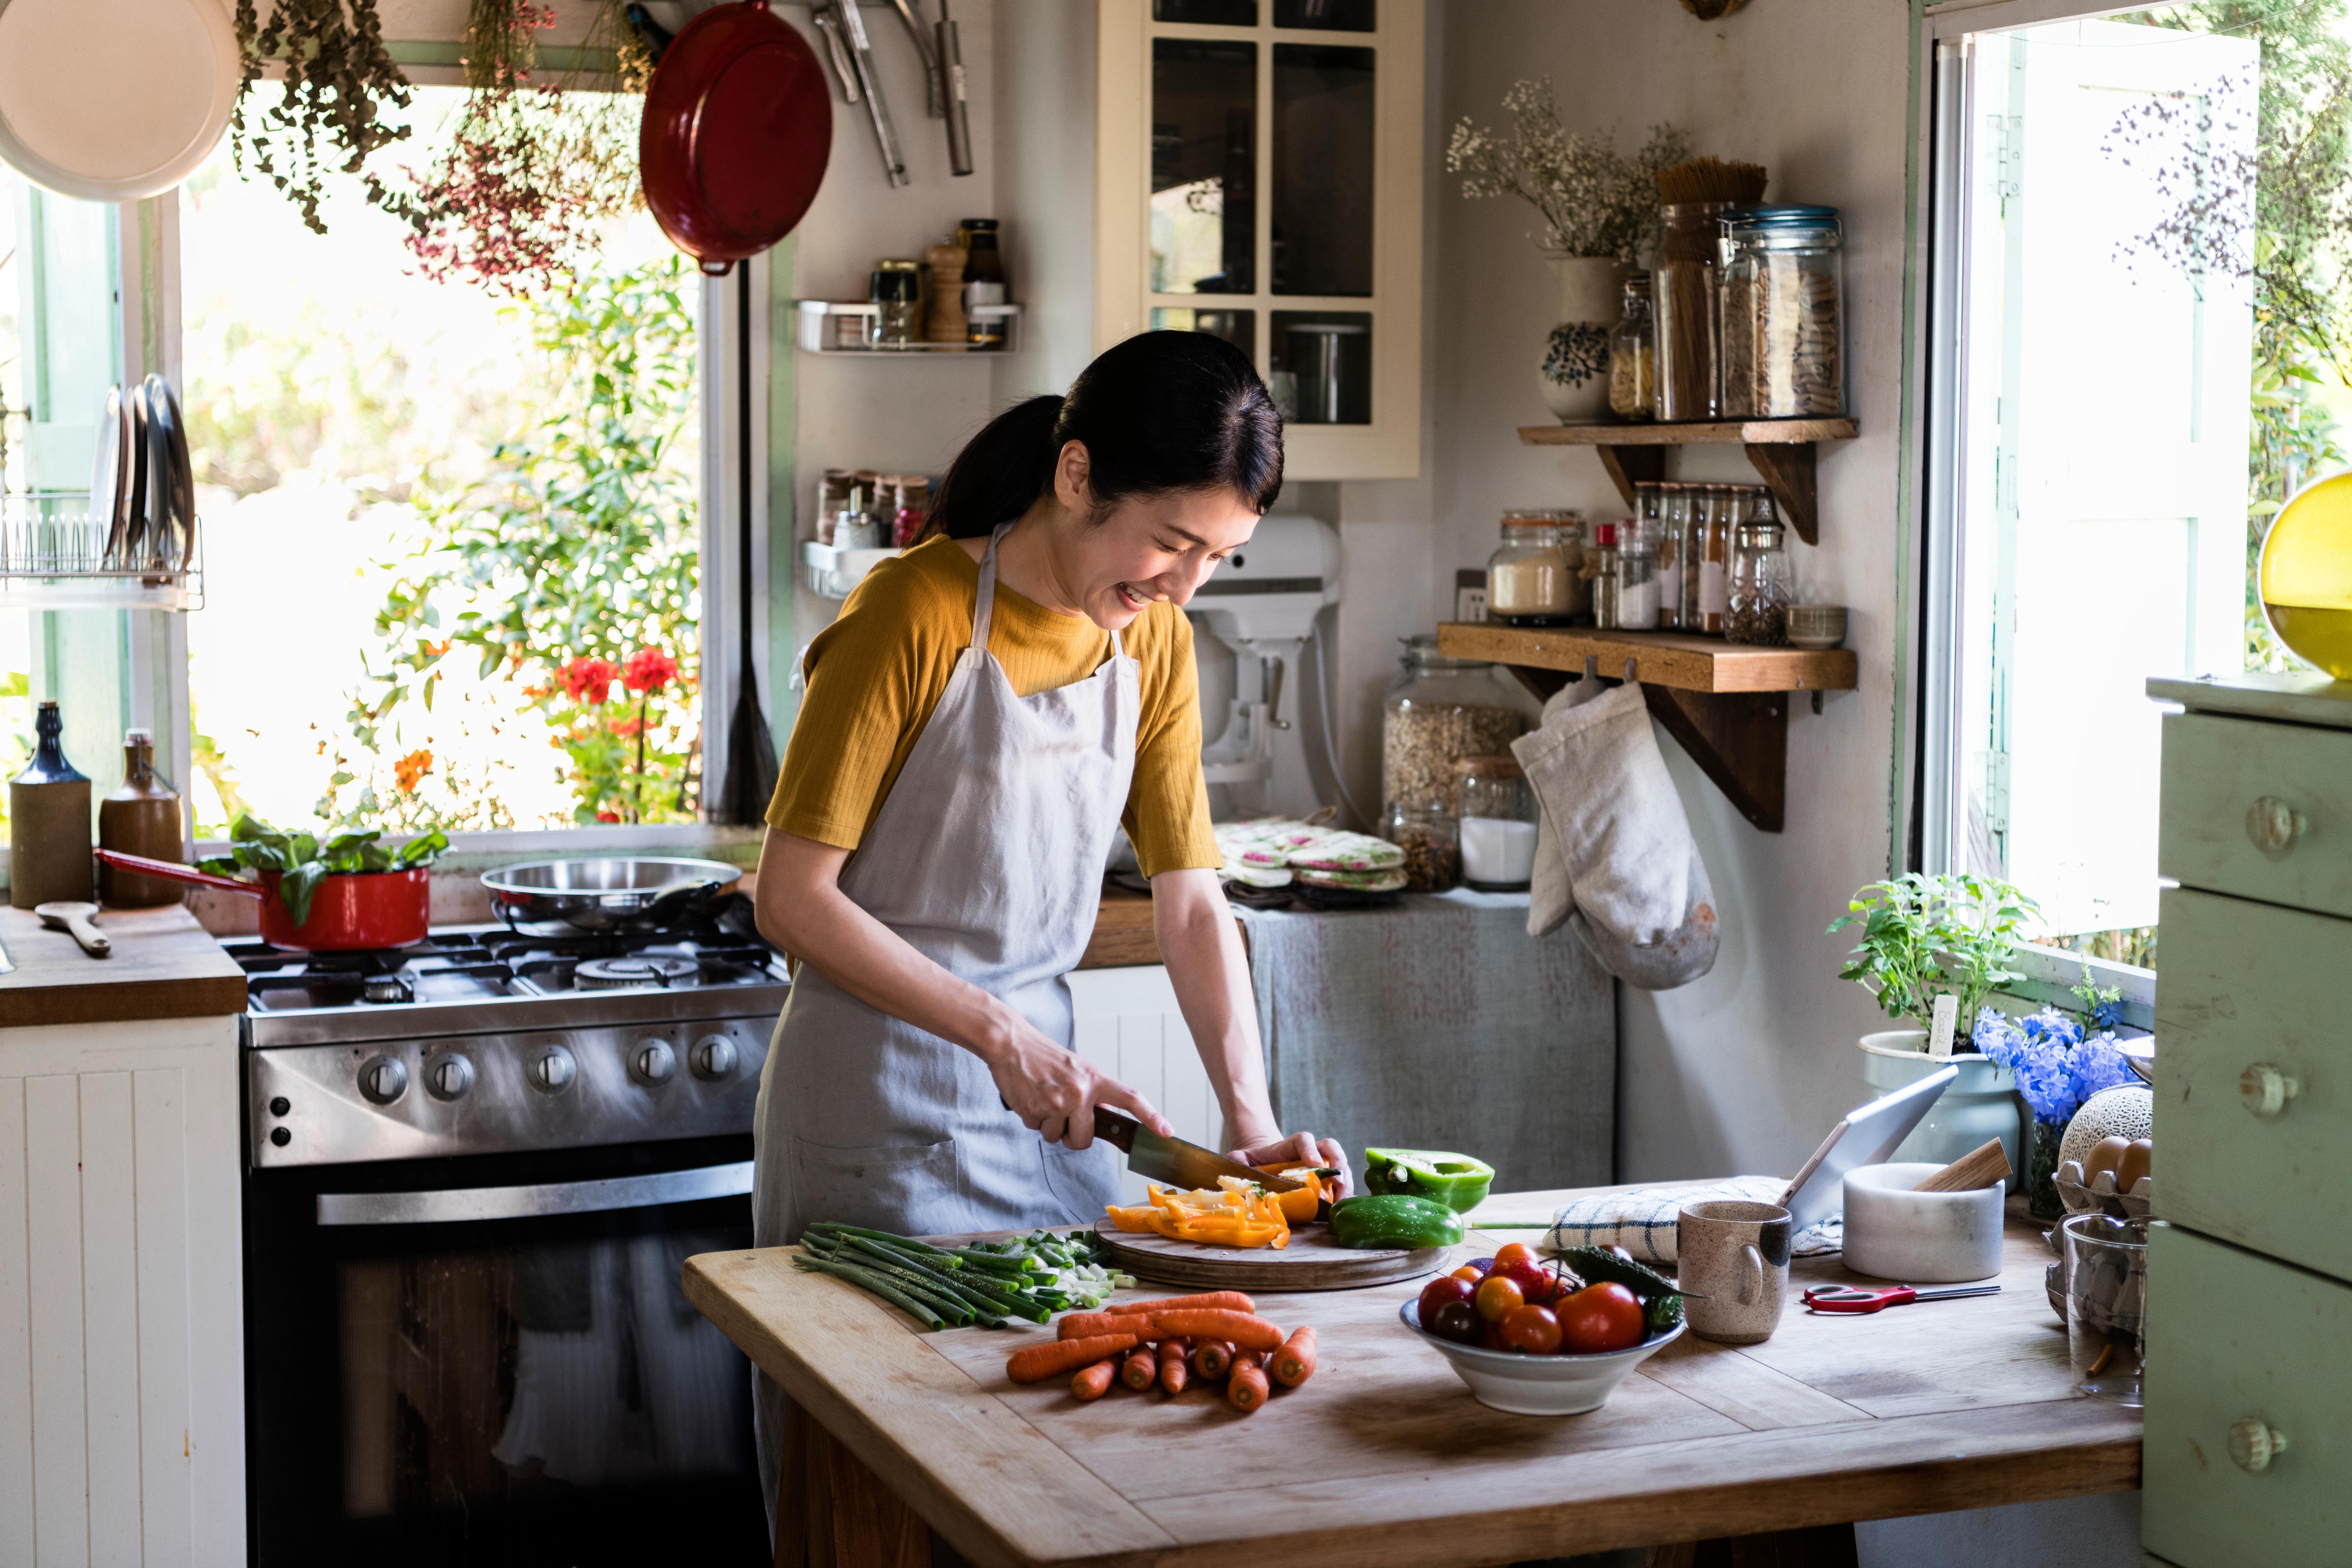 36 procent av svenskarna är öppna för en vegetarisk eller vegansk kost.